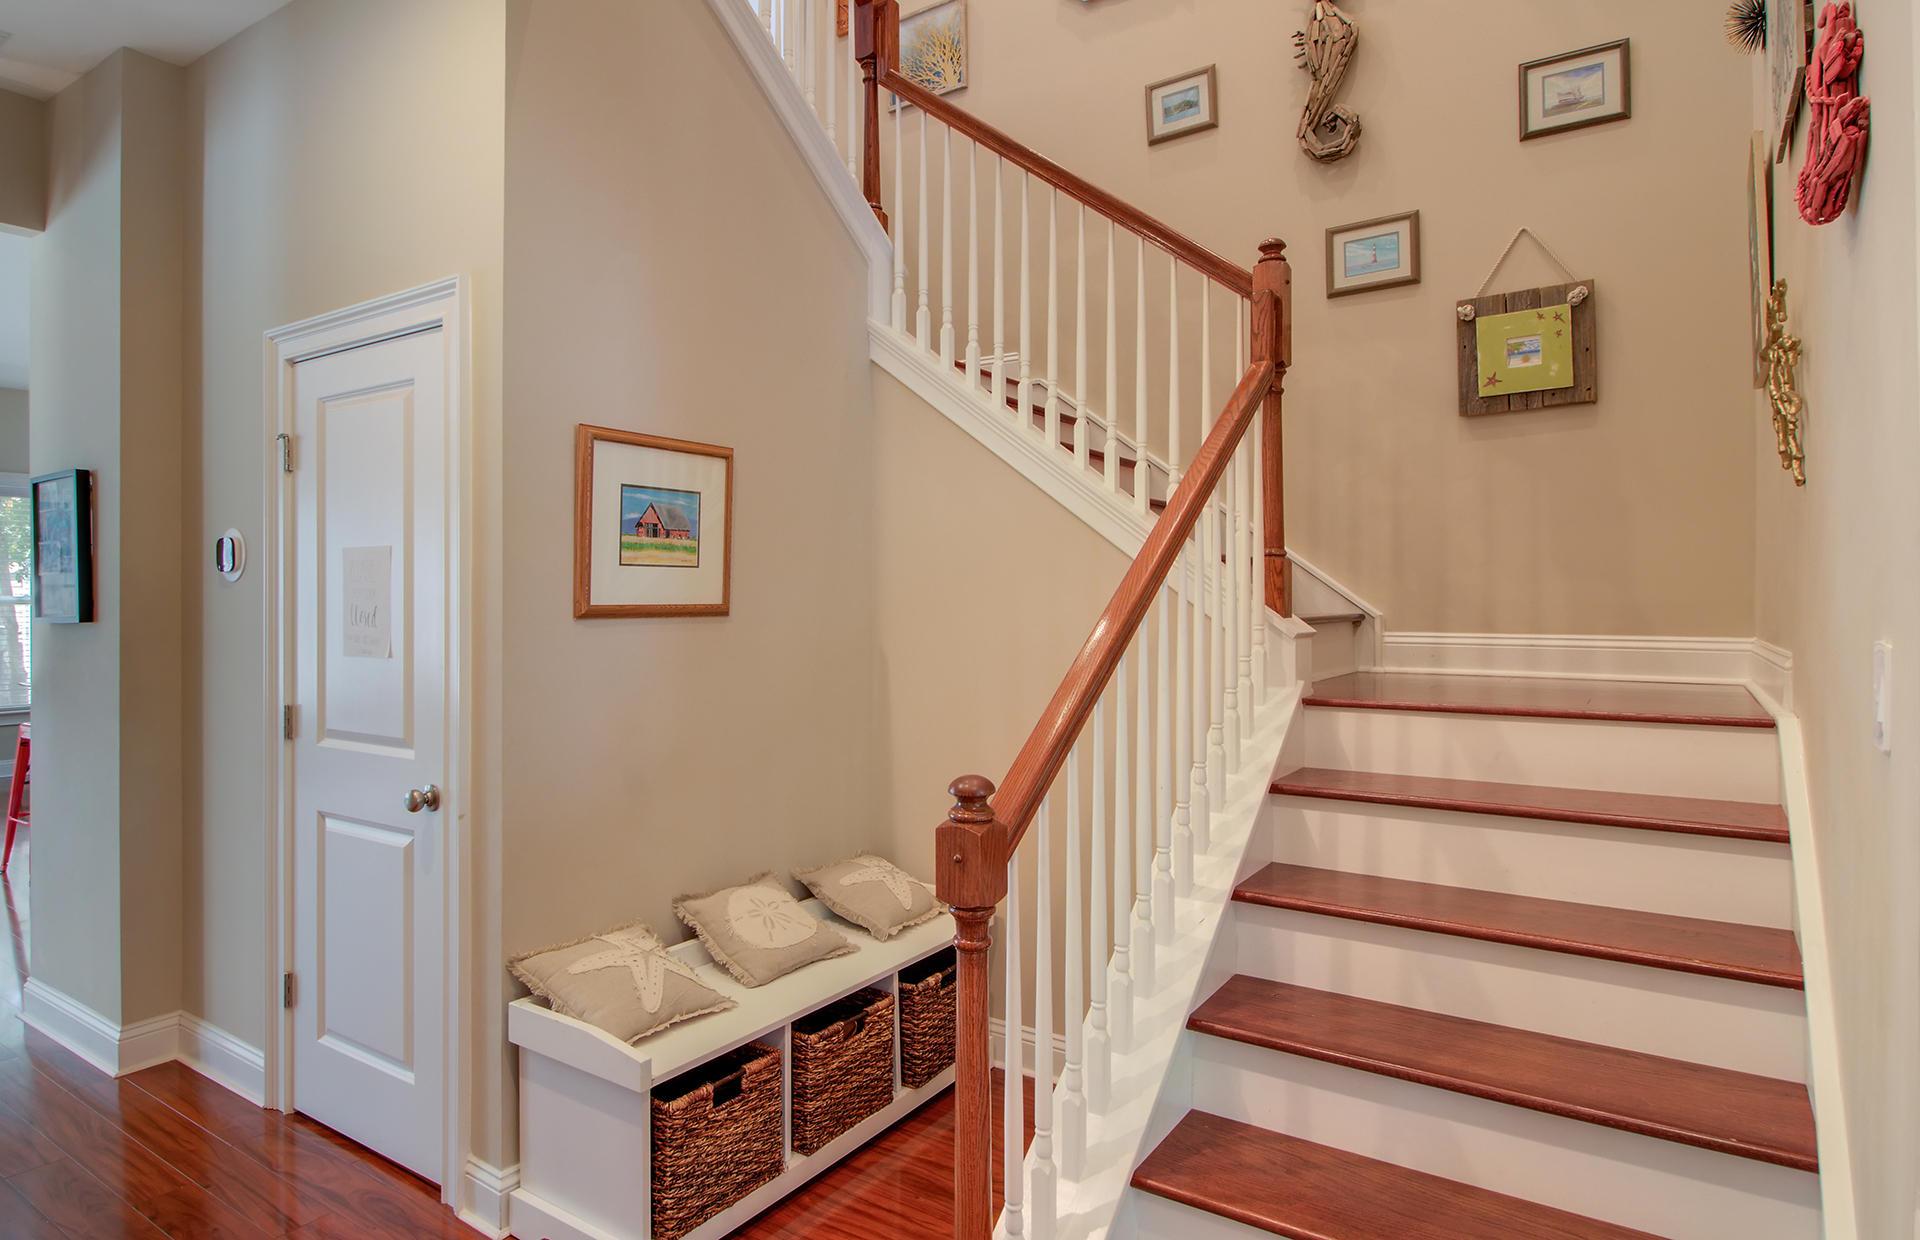 Boltons Landing Homes For Sale - 1749 Batten, Charleston, SC - 6